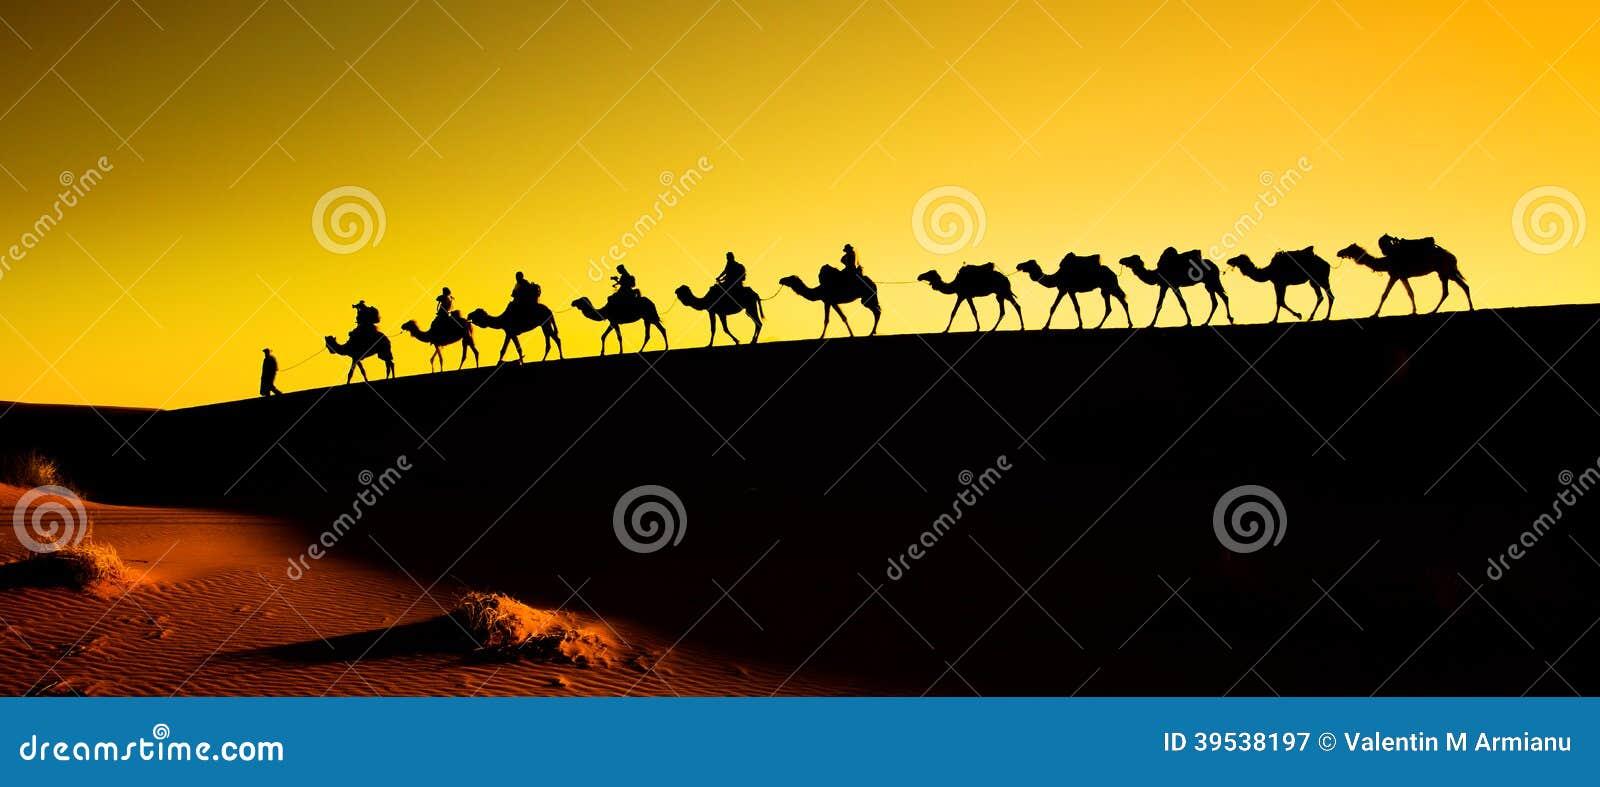 Sylwetka wielbłądzia karawana